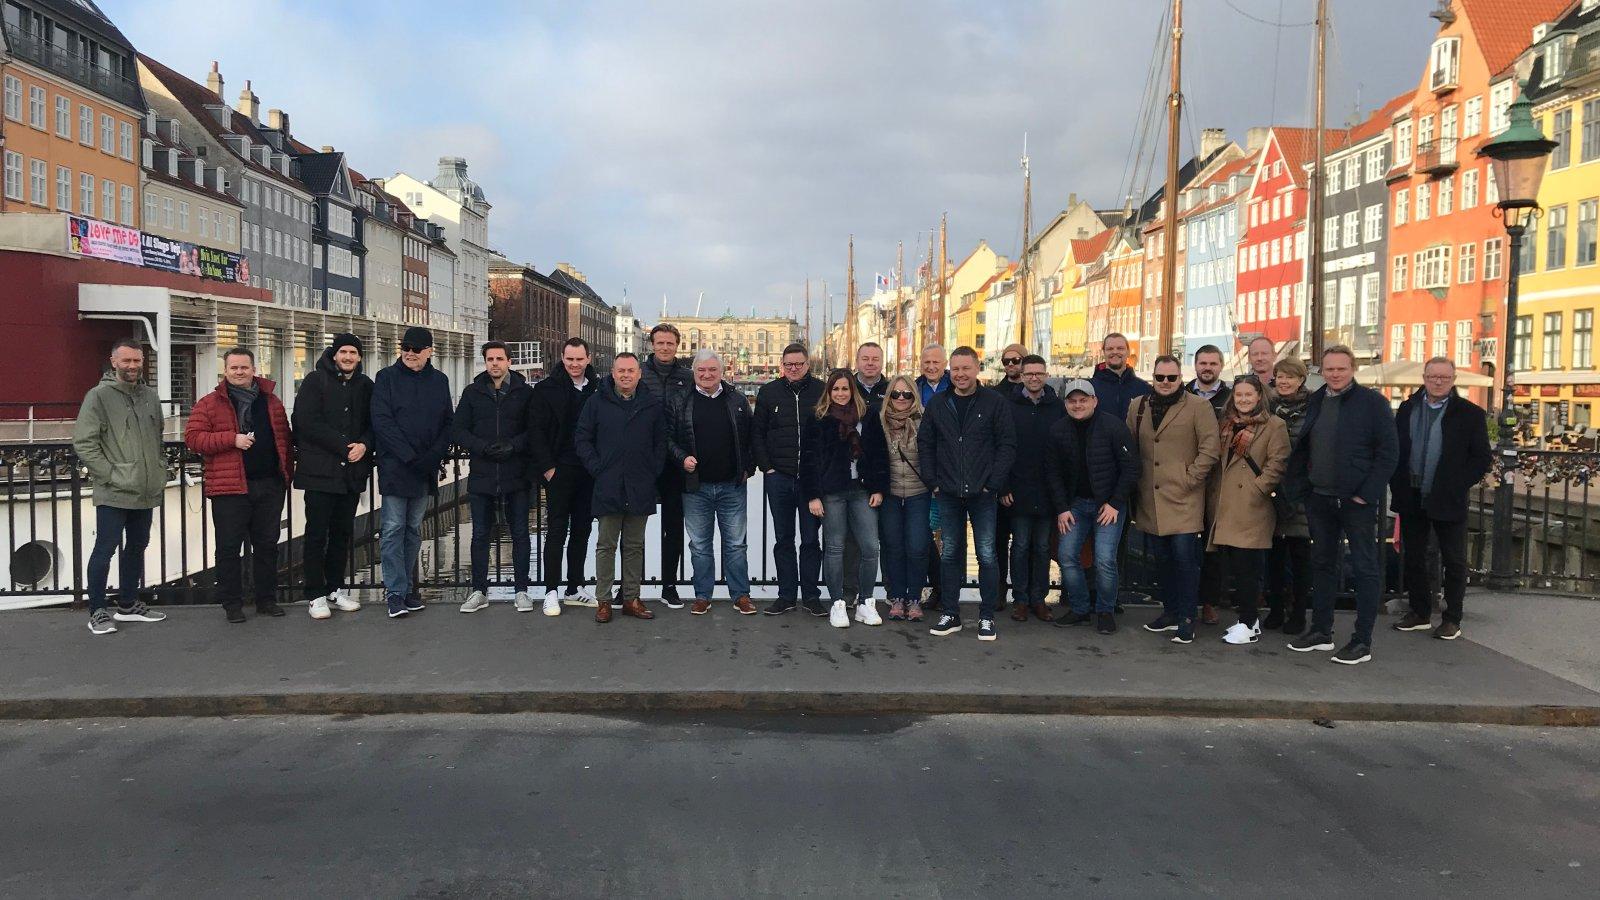 Her er lagbildet av alle som var med på sponsorturen til København ved ankomst i flotte Nyhavn.